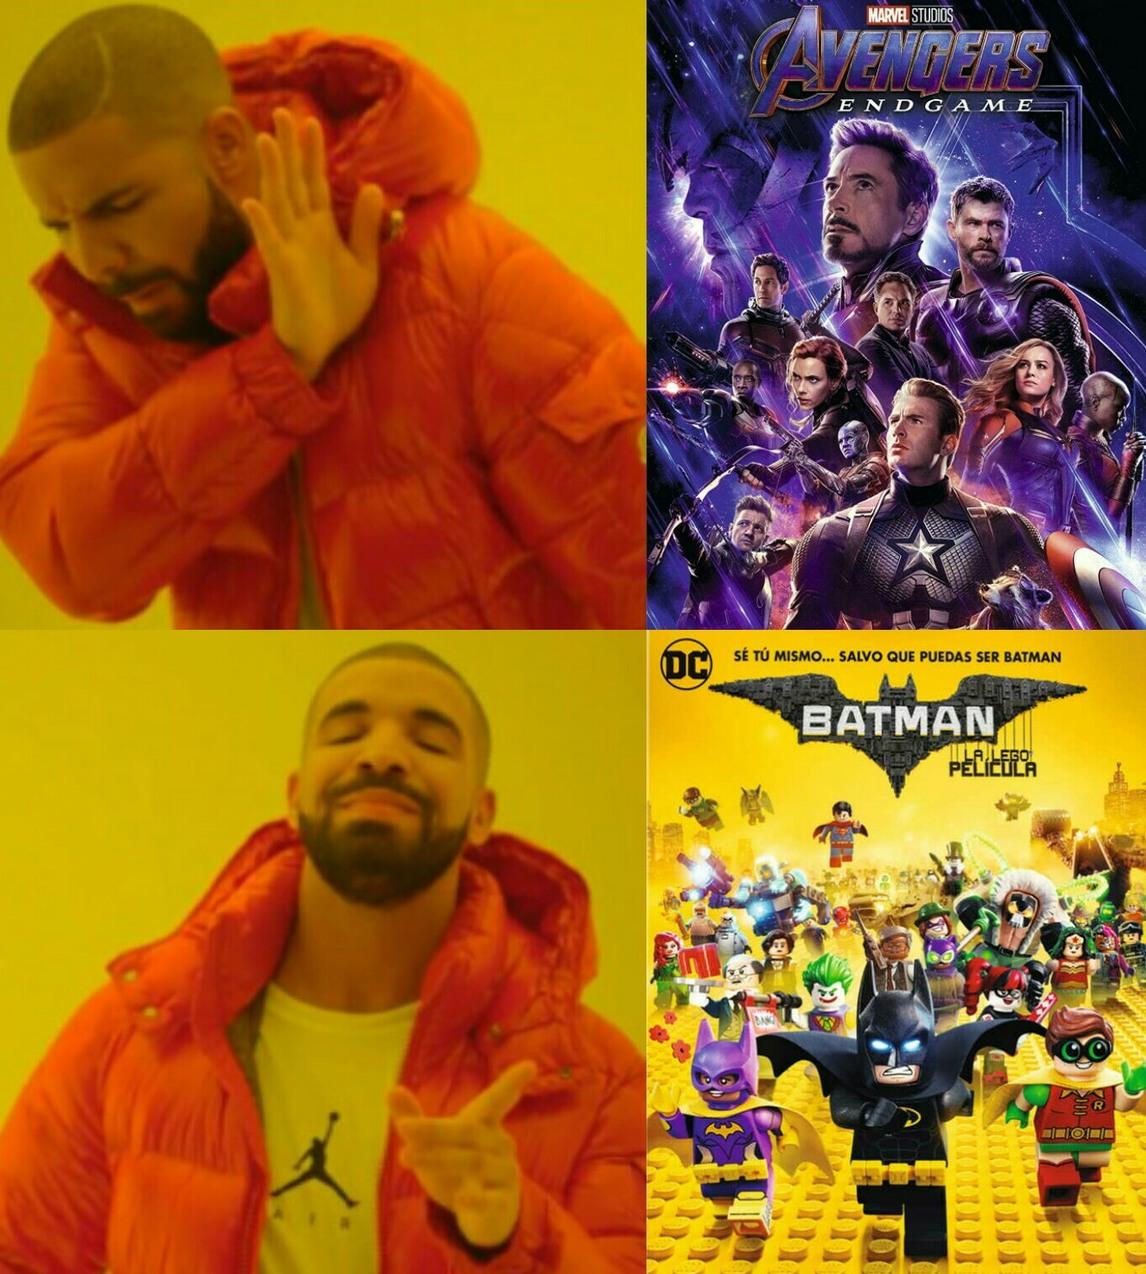 Le virgin Endgame VS le chad LEGO Batman la película - meme